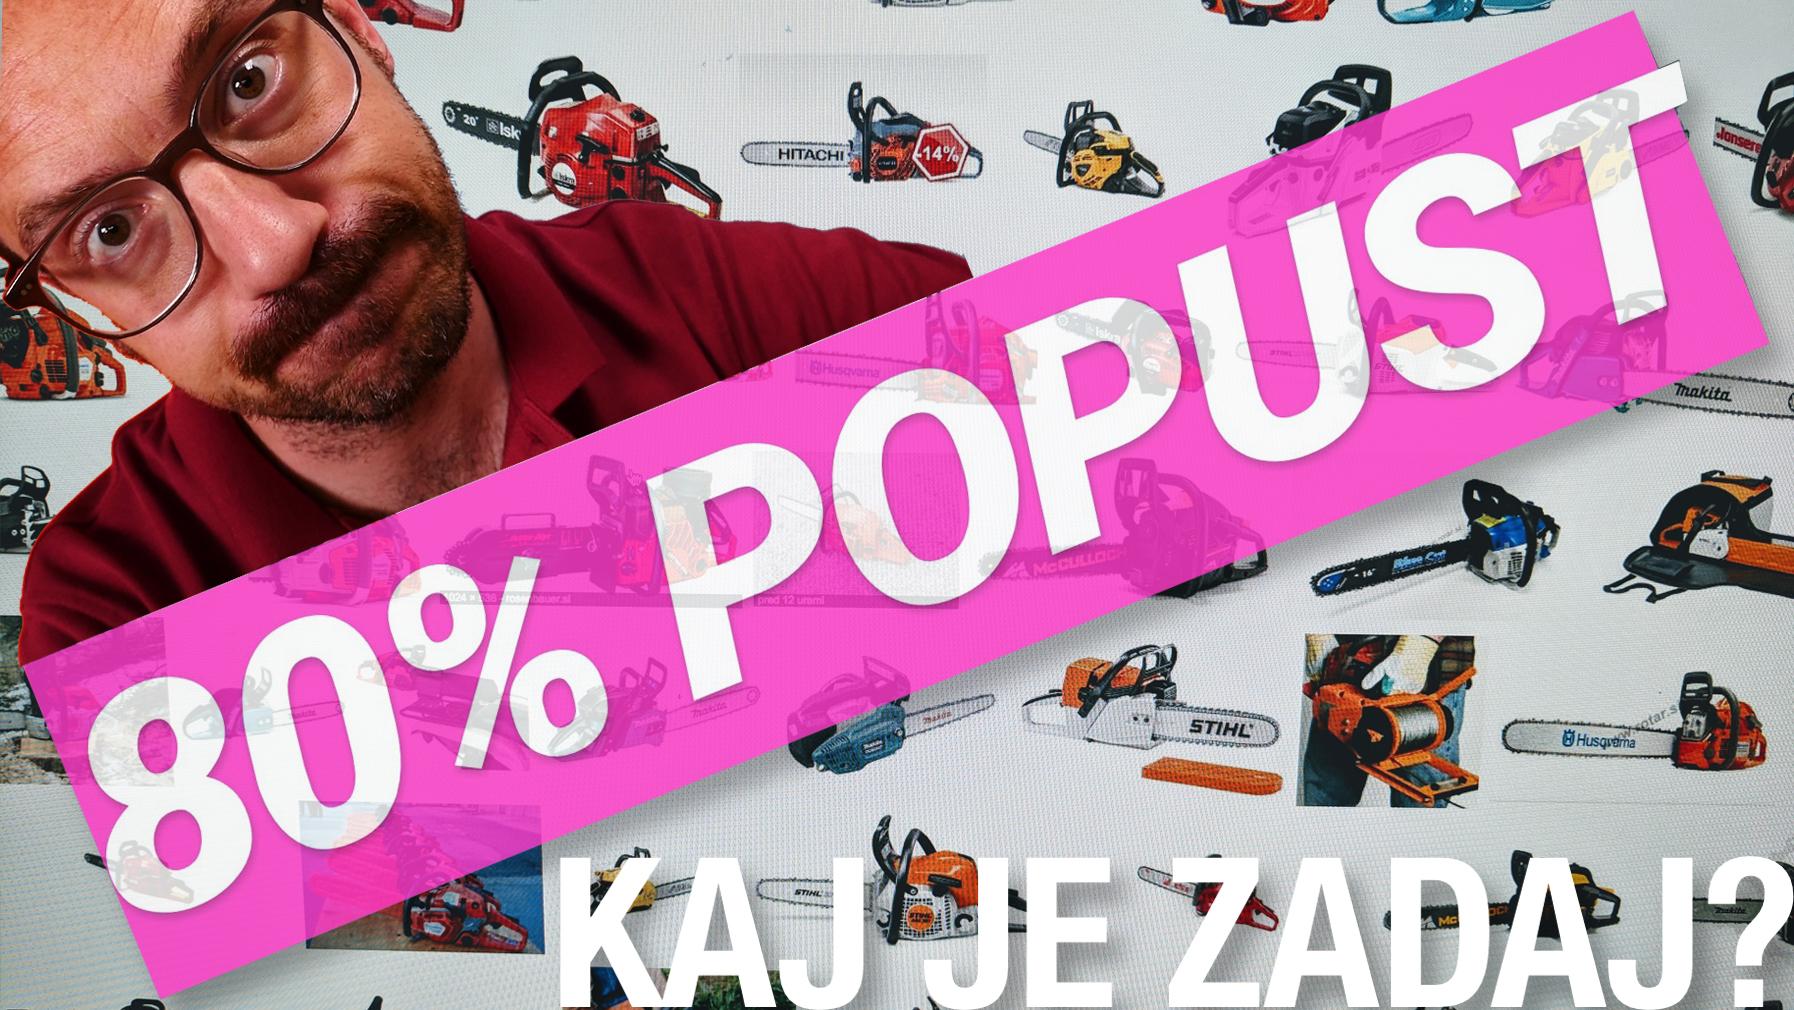 """Naslovna slika videa, na kateri je posnetek spletne trgovine, Jože Robežnik in napis """"80% popust, kaj je zadaj?"""""""